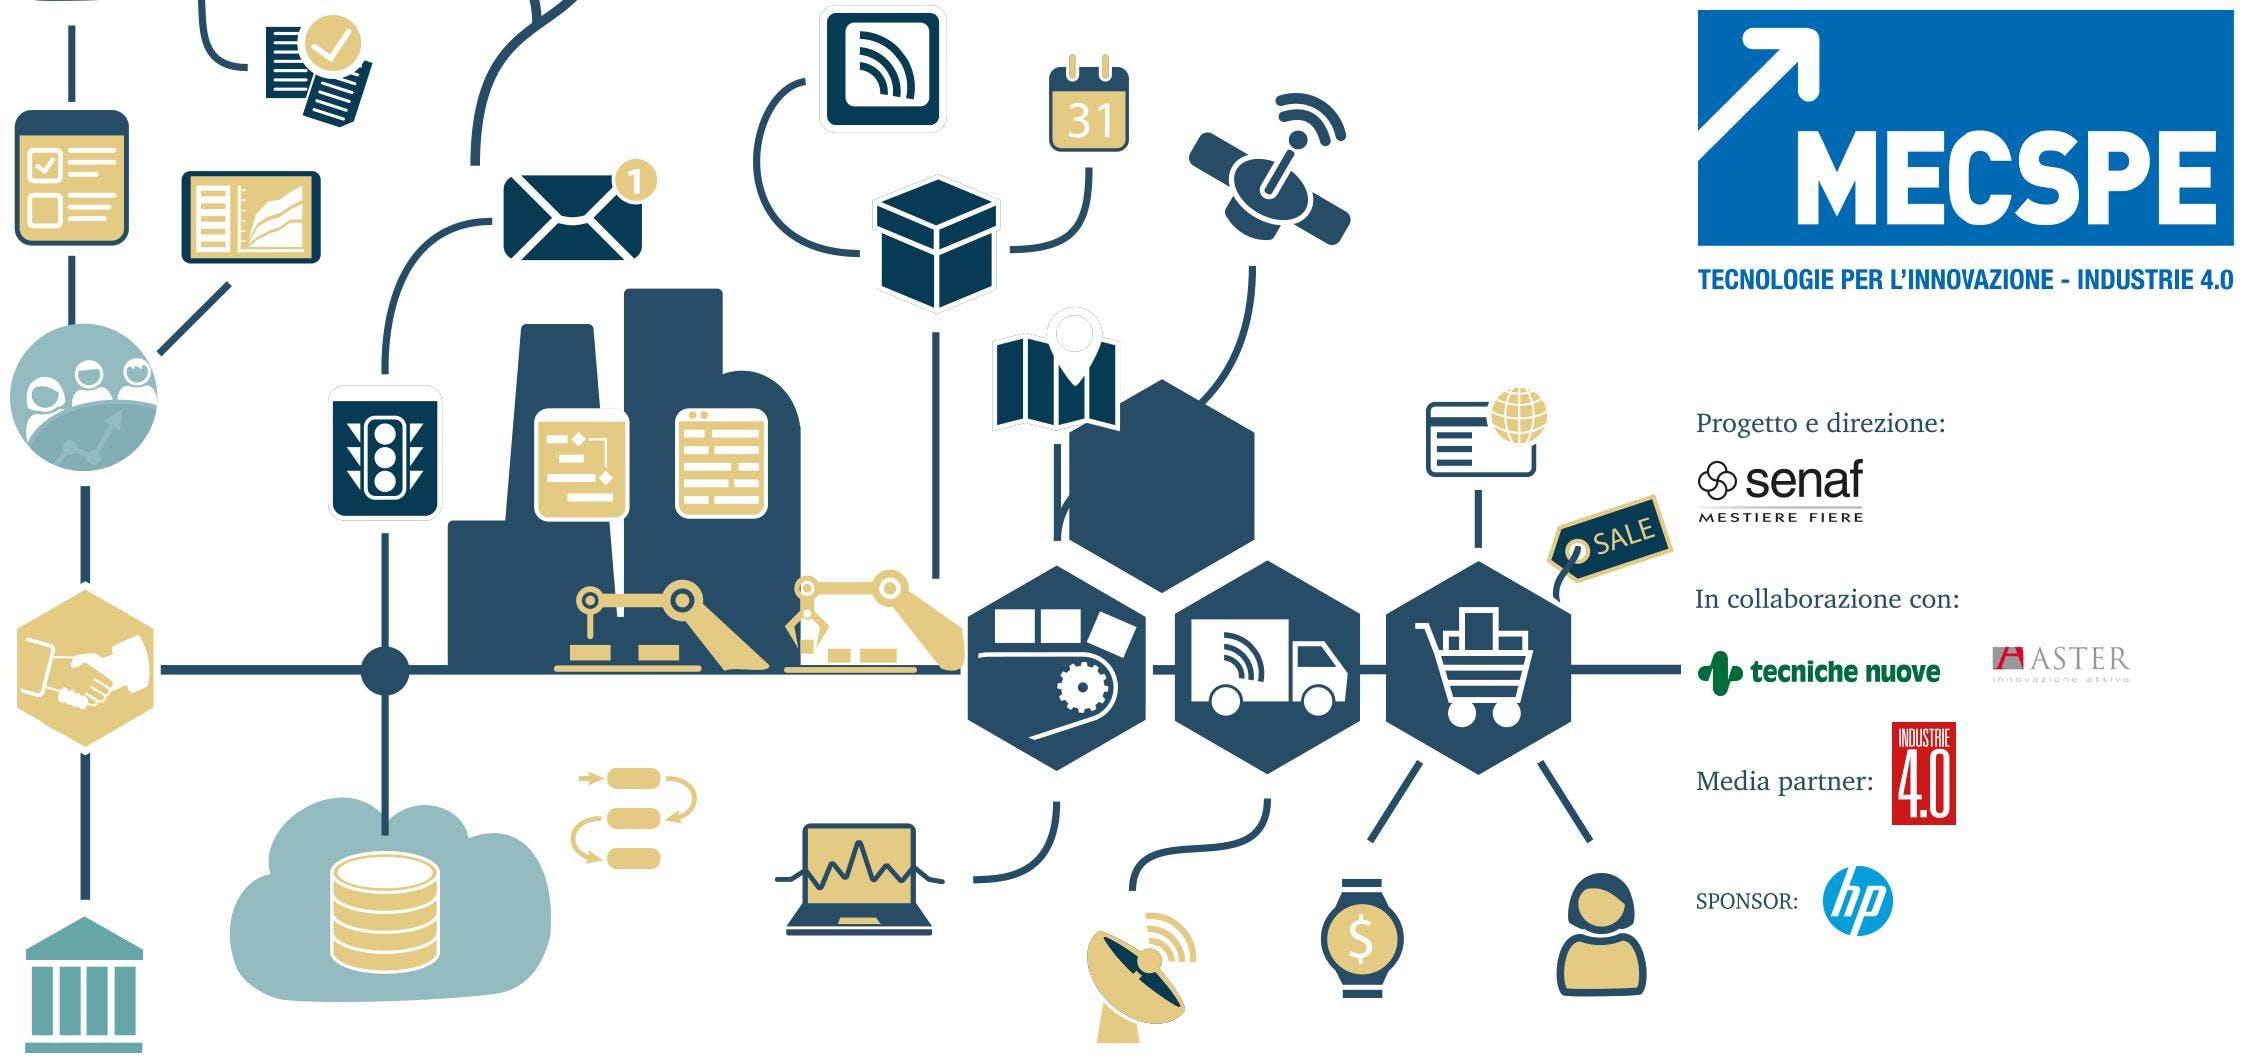 Laboratorio MECSPE Fabbrica Digitale 4.0 - IoT e AI